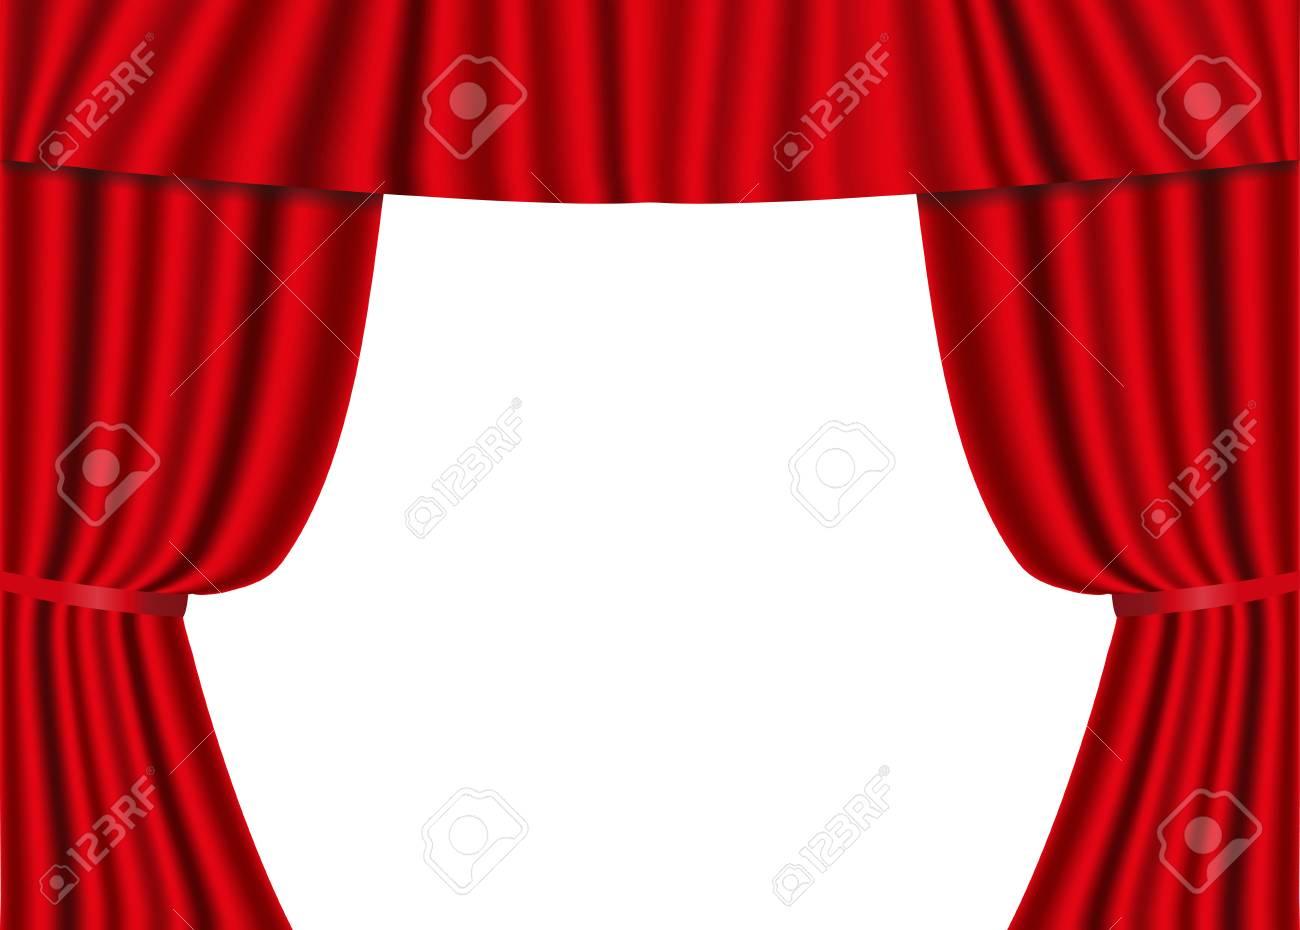 Rode Open Gordijnen Geïsoleerd Op Een Witte Achtergrond. Luxe ...